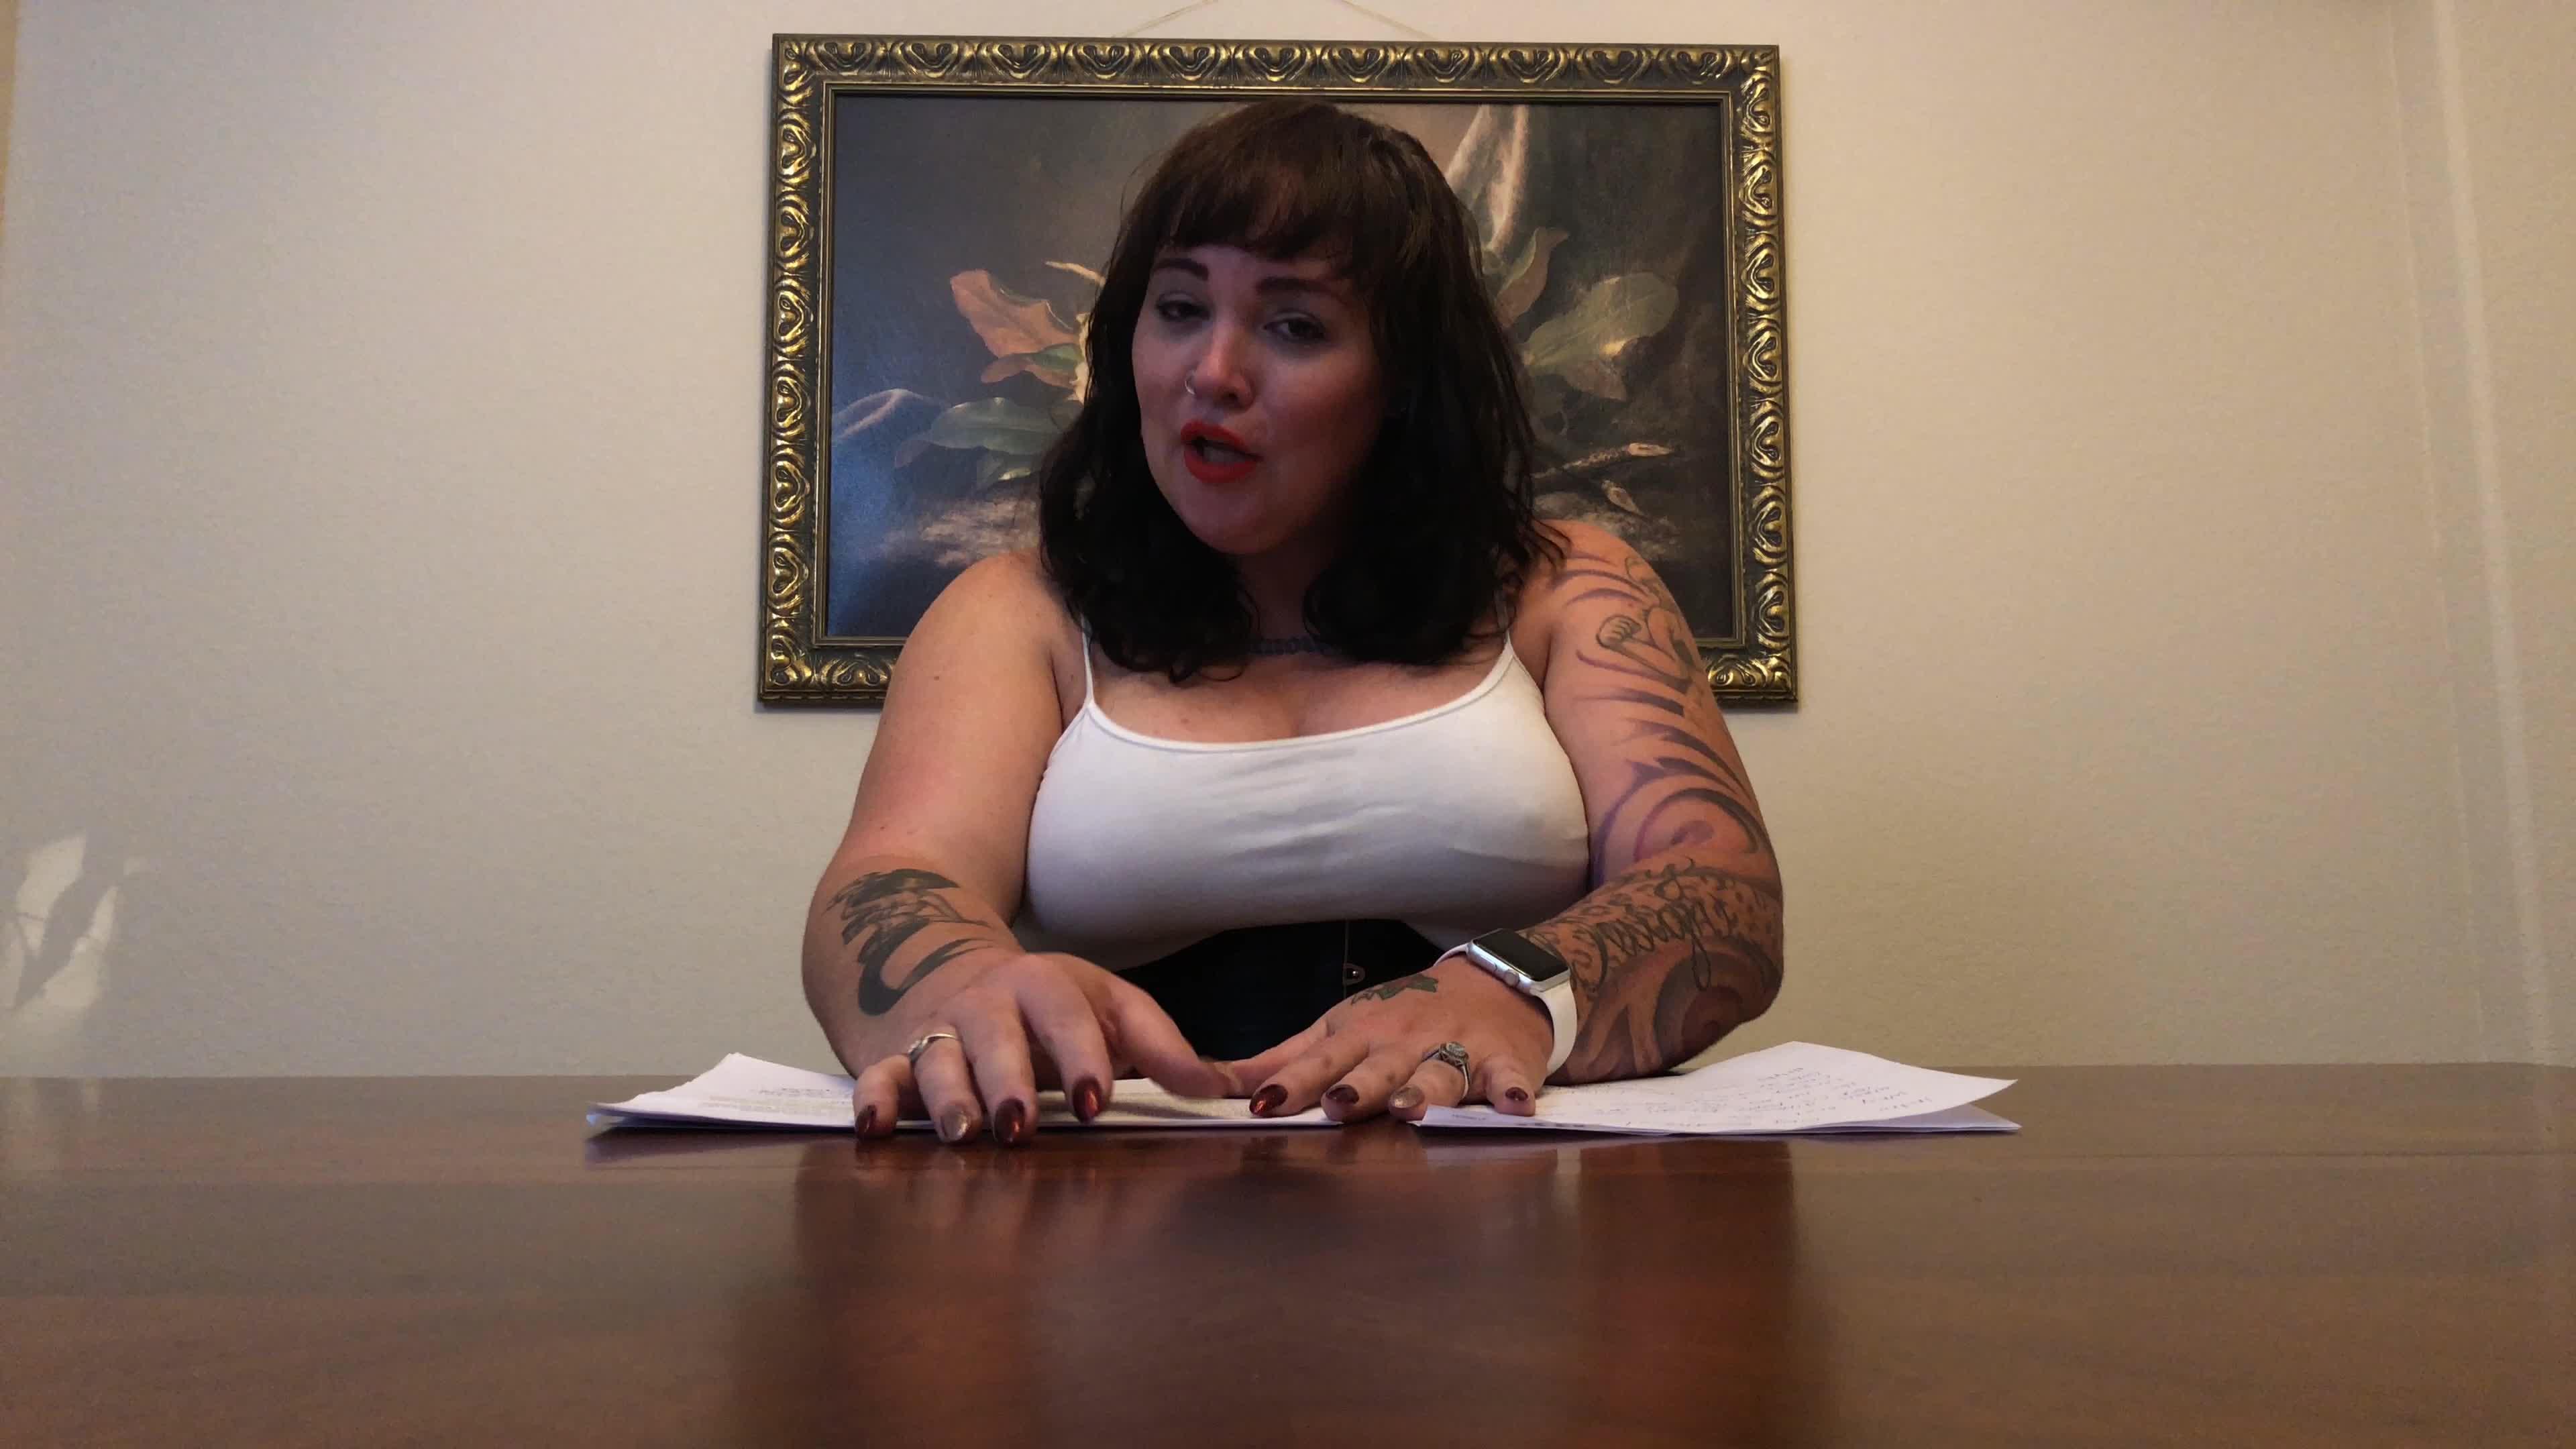 Michelle Austins Come avere un sesso orale con una transessuale-4400